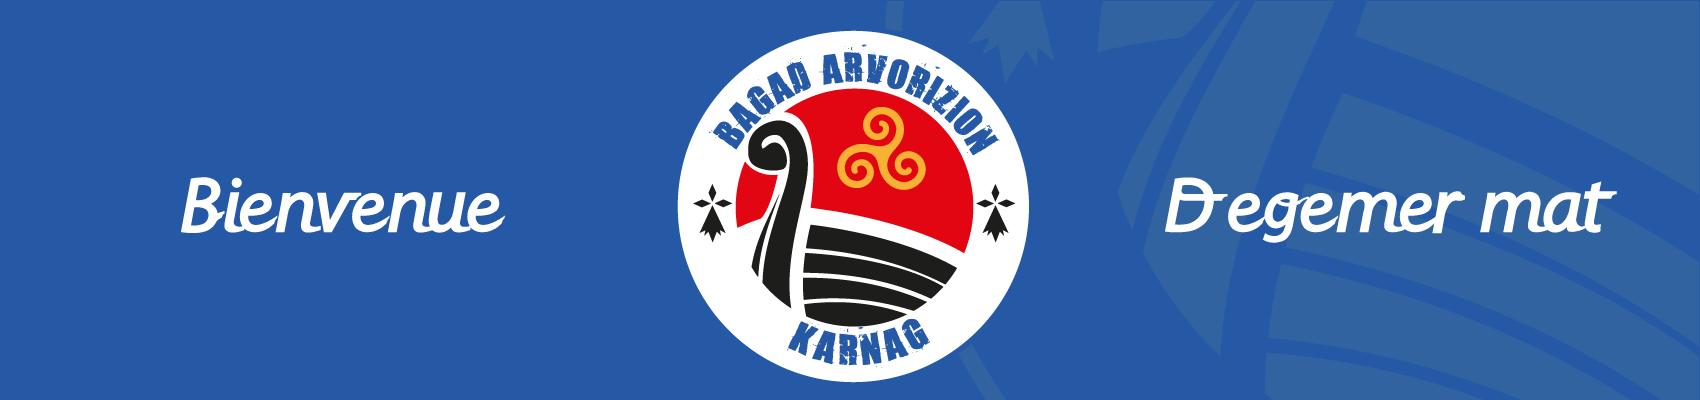 Bagad Arvorizion Karnag